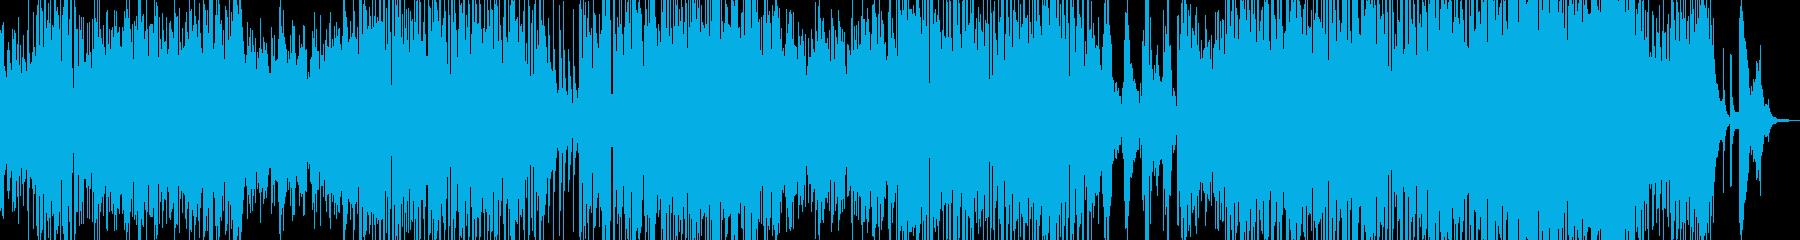 マイナー系ボサ・幻想的の再生済みの波形